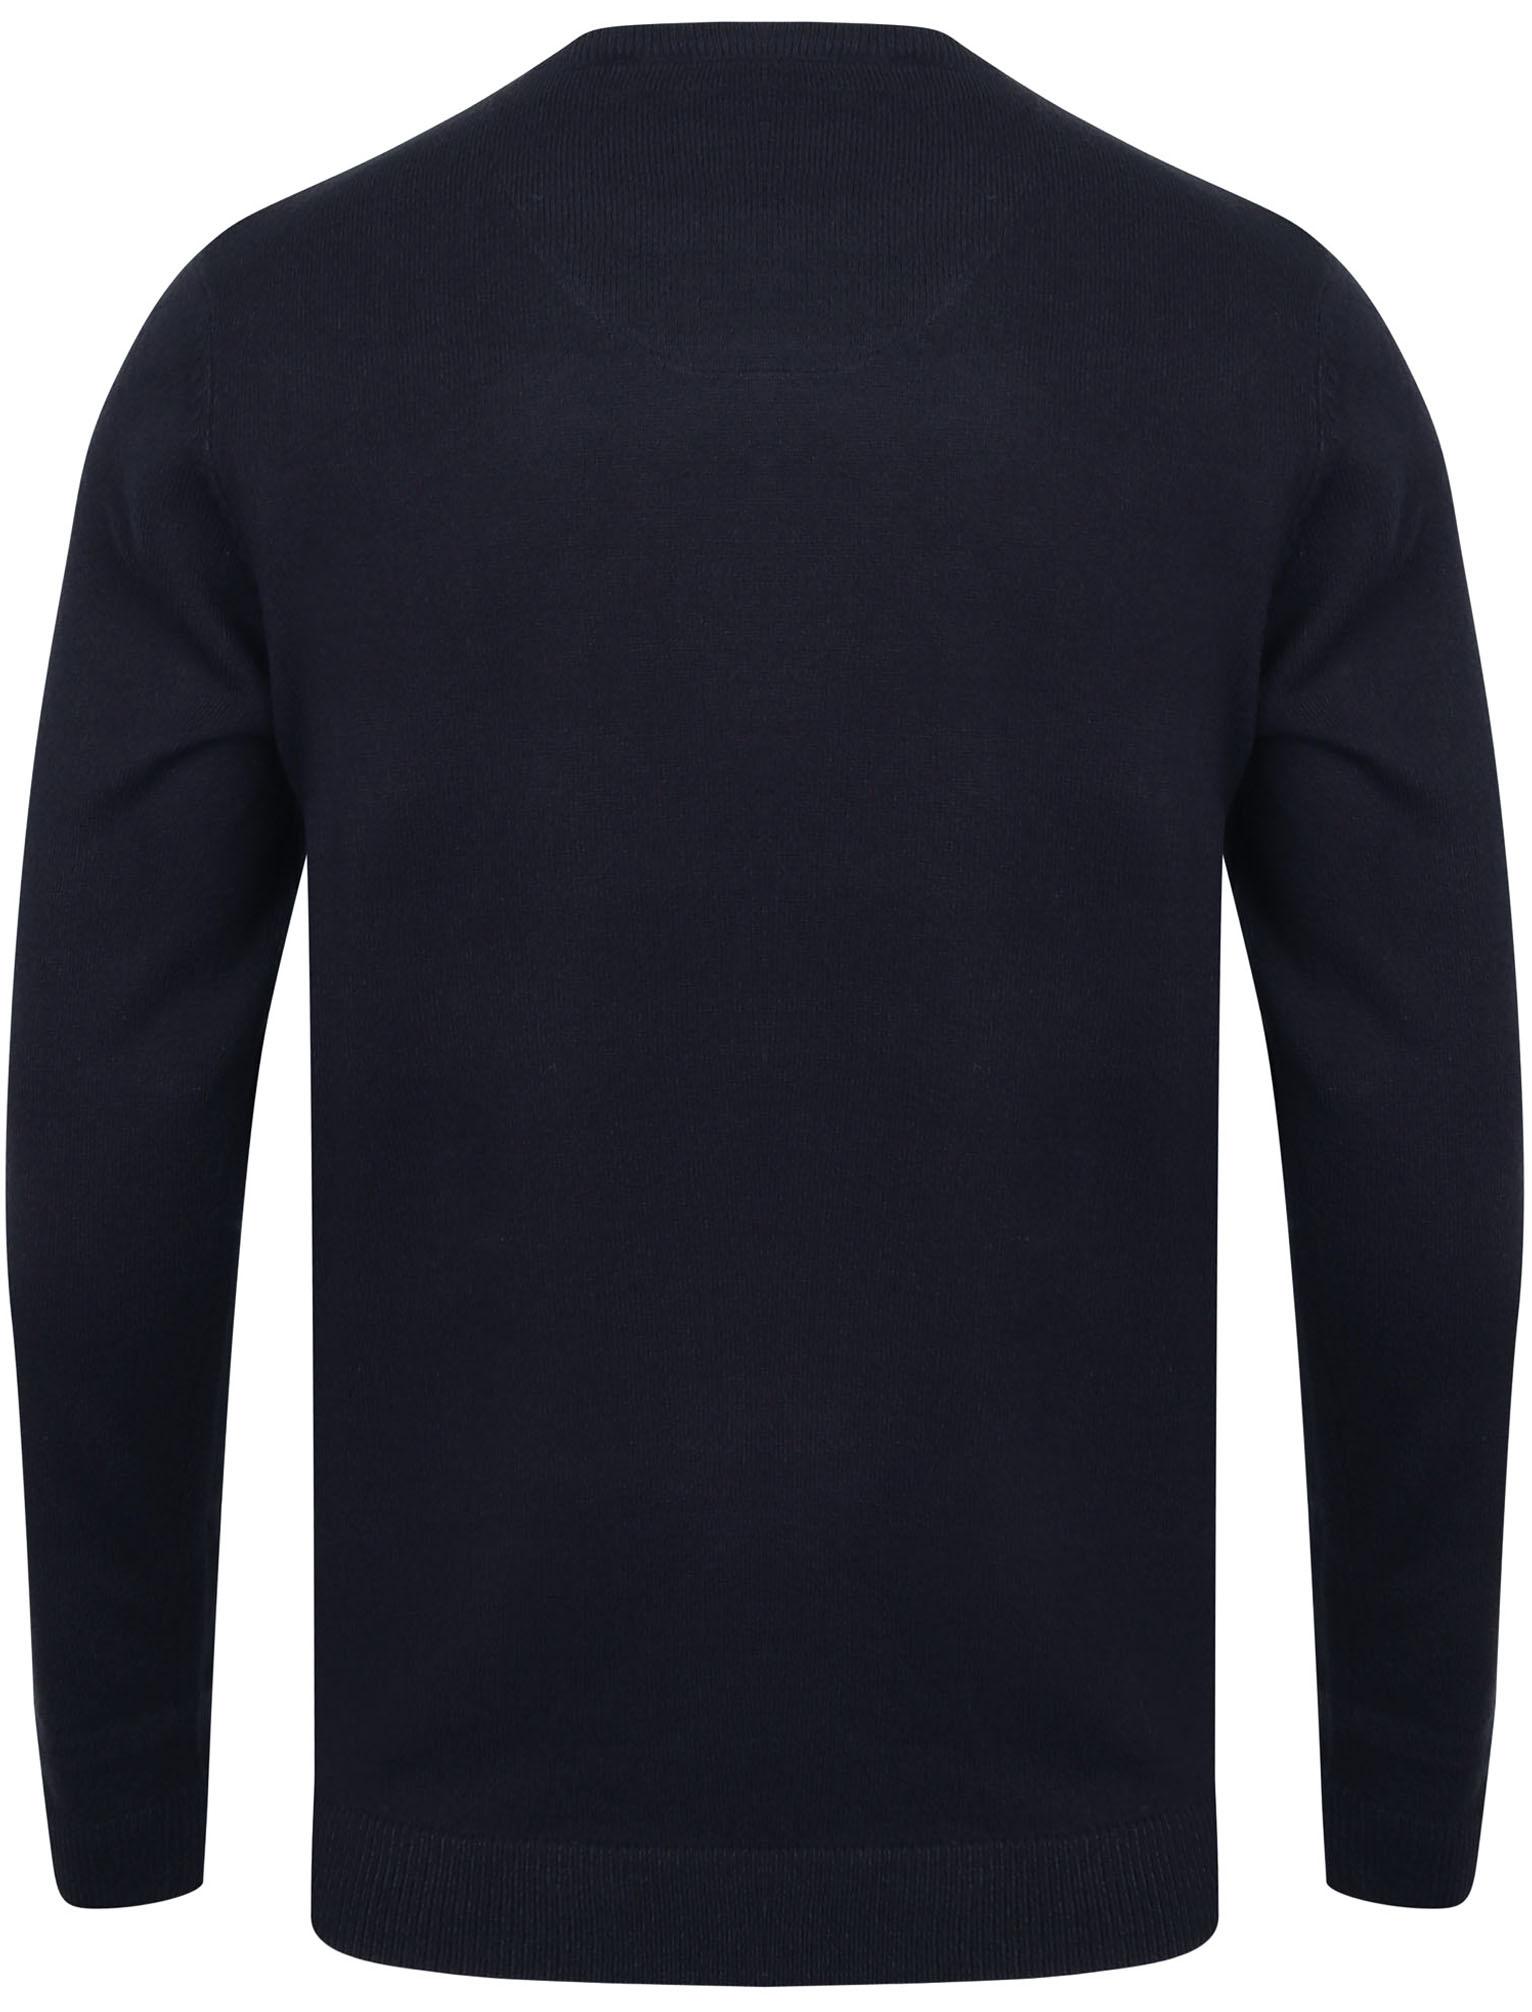 Kensington-Eastside-Men-039-s-Knitted-Crew-or-V-Neck-Jumper-Sweater-Top-Pullover thumbnail 23